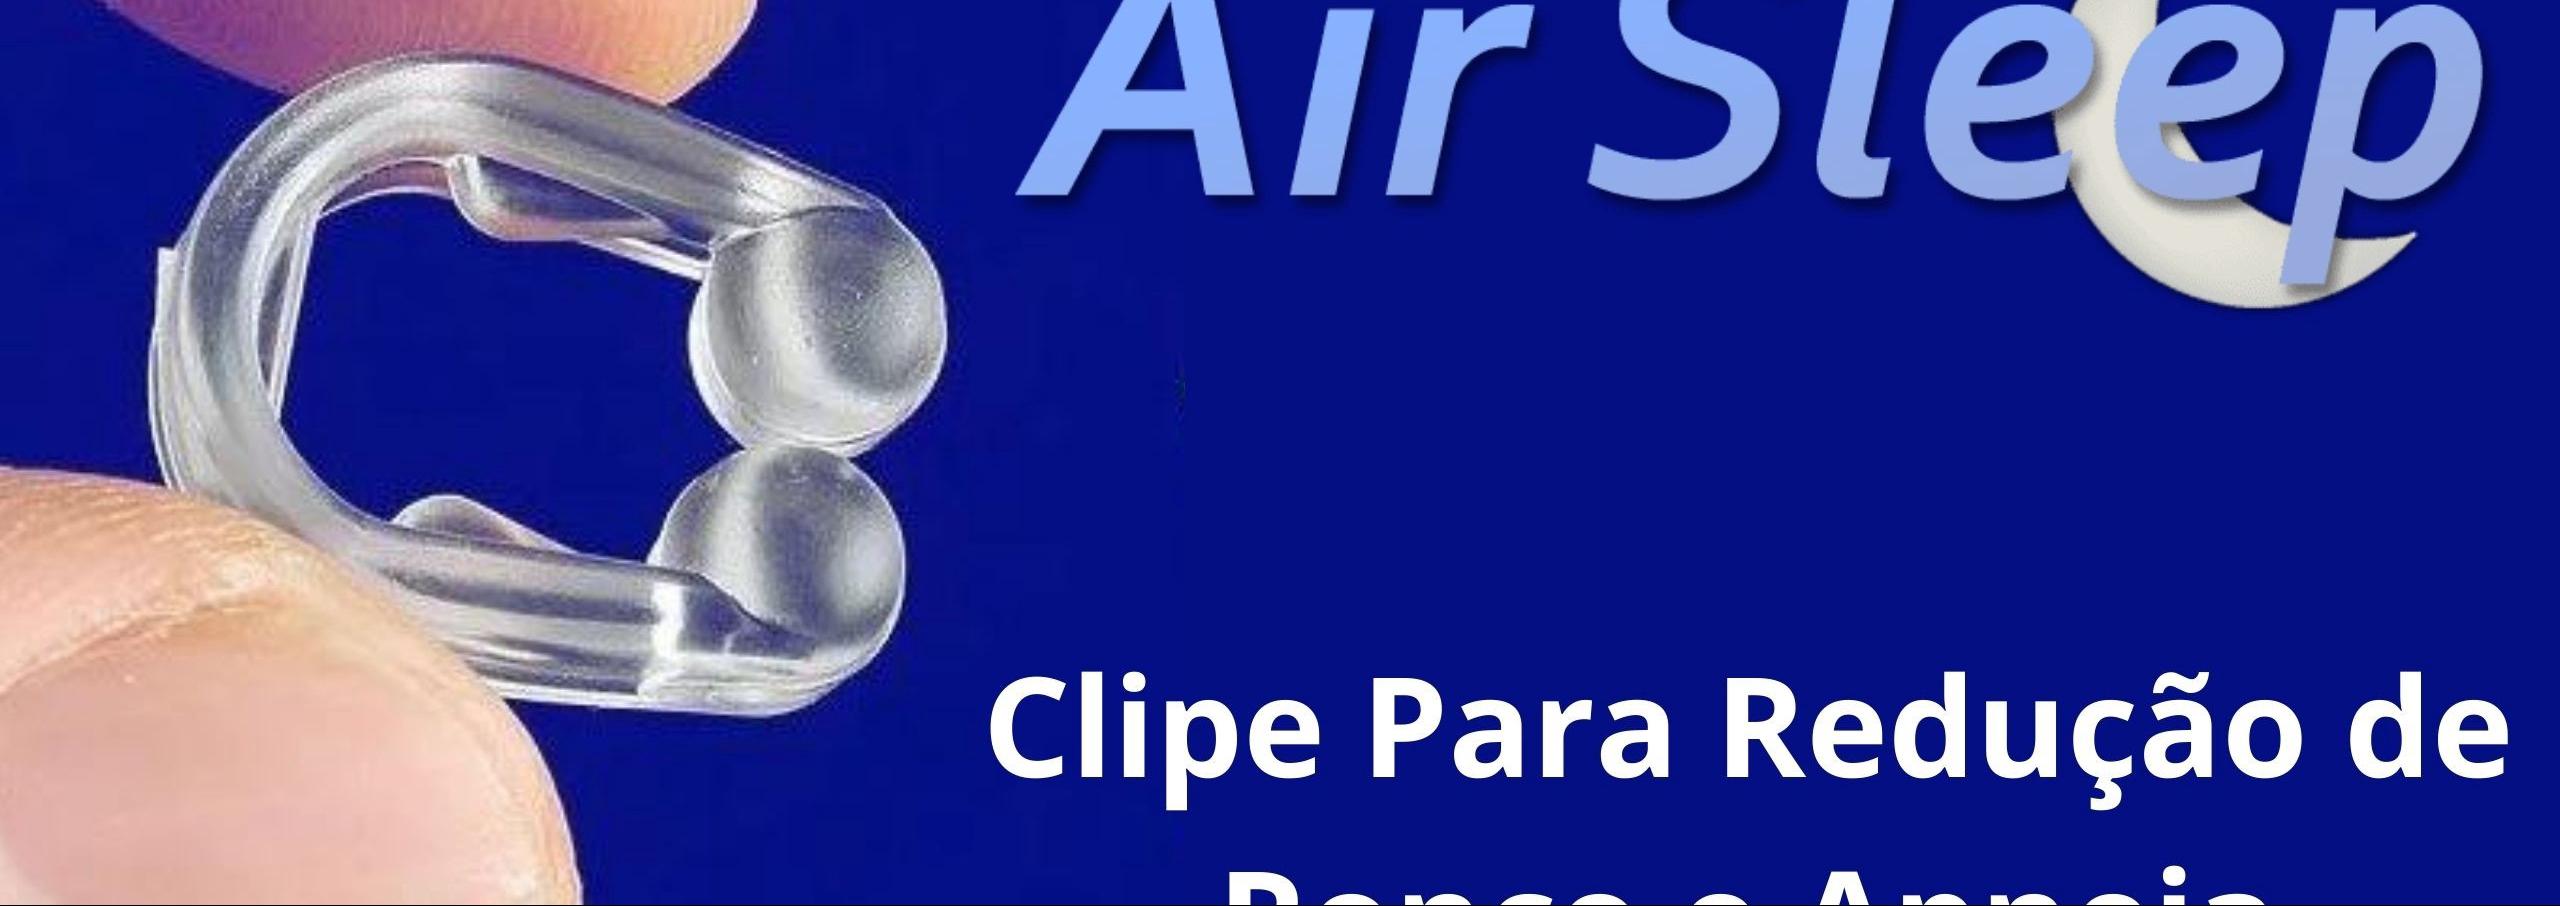 air sleep valor